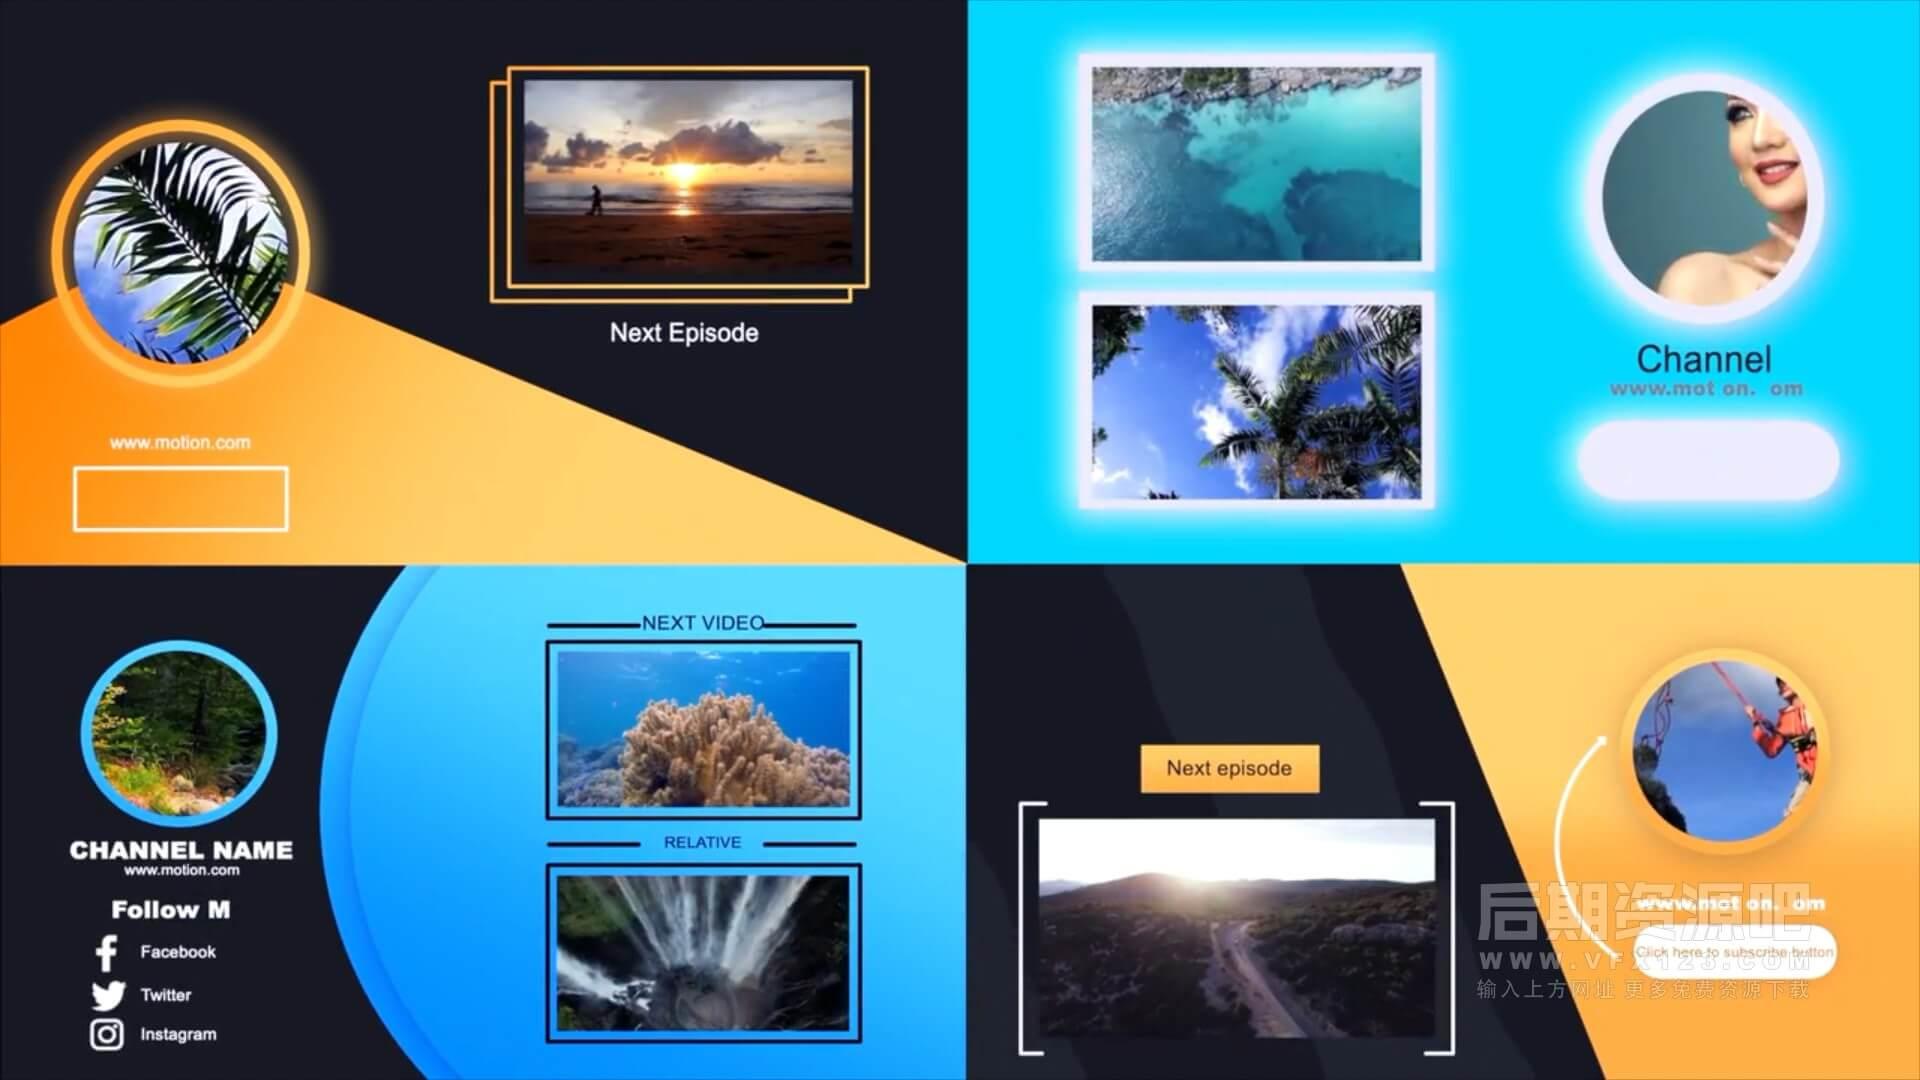 fcpx插件 自媒体短视频博主影片制作工具包 第五季 点赞订阅Emojis表情片尾预告等